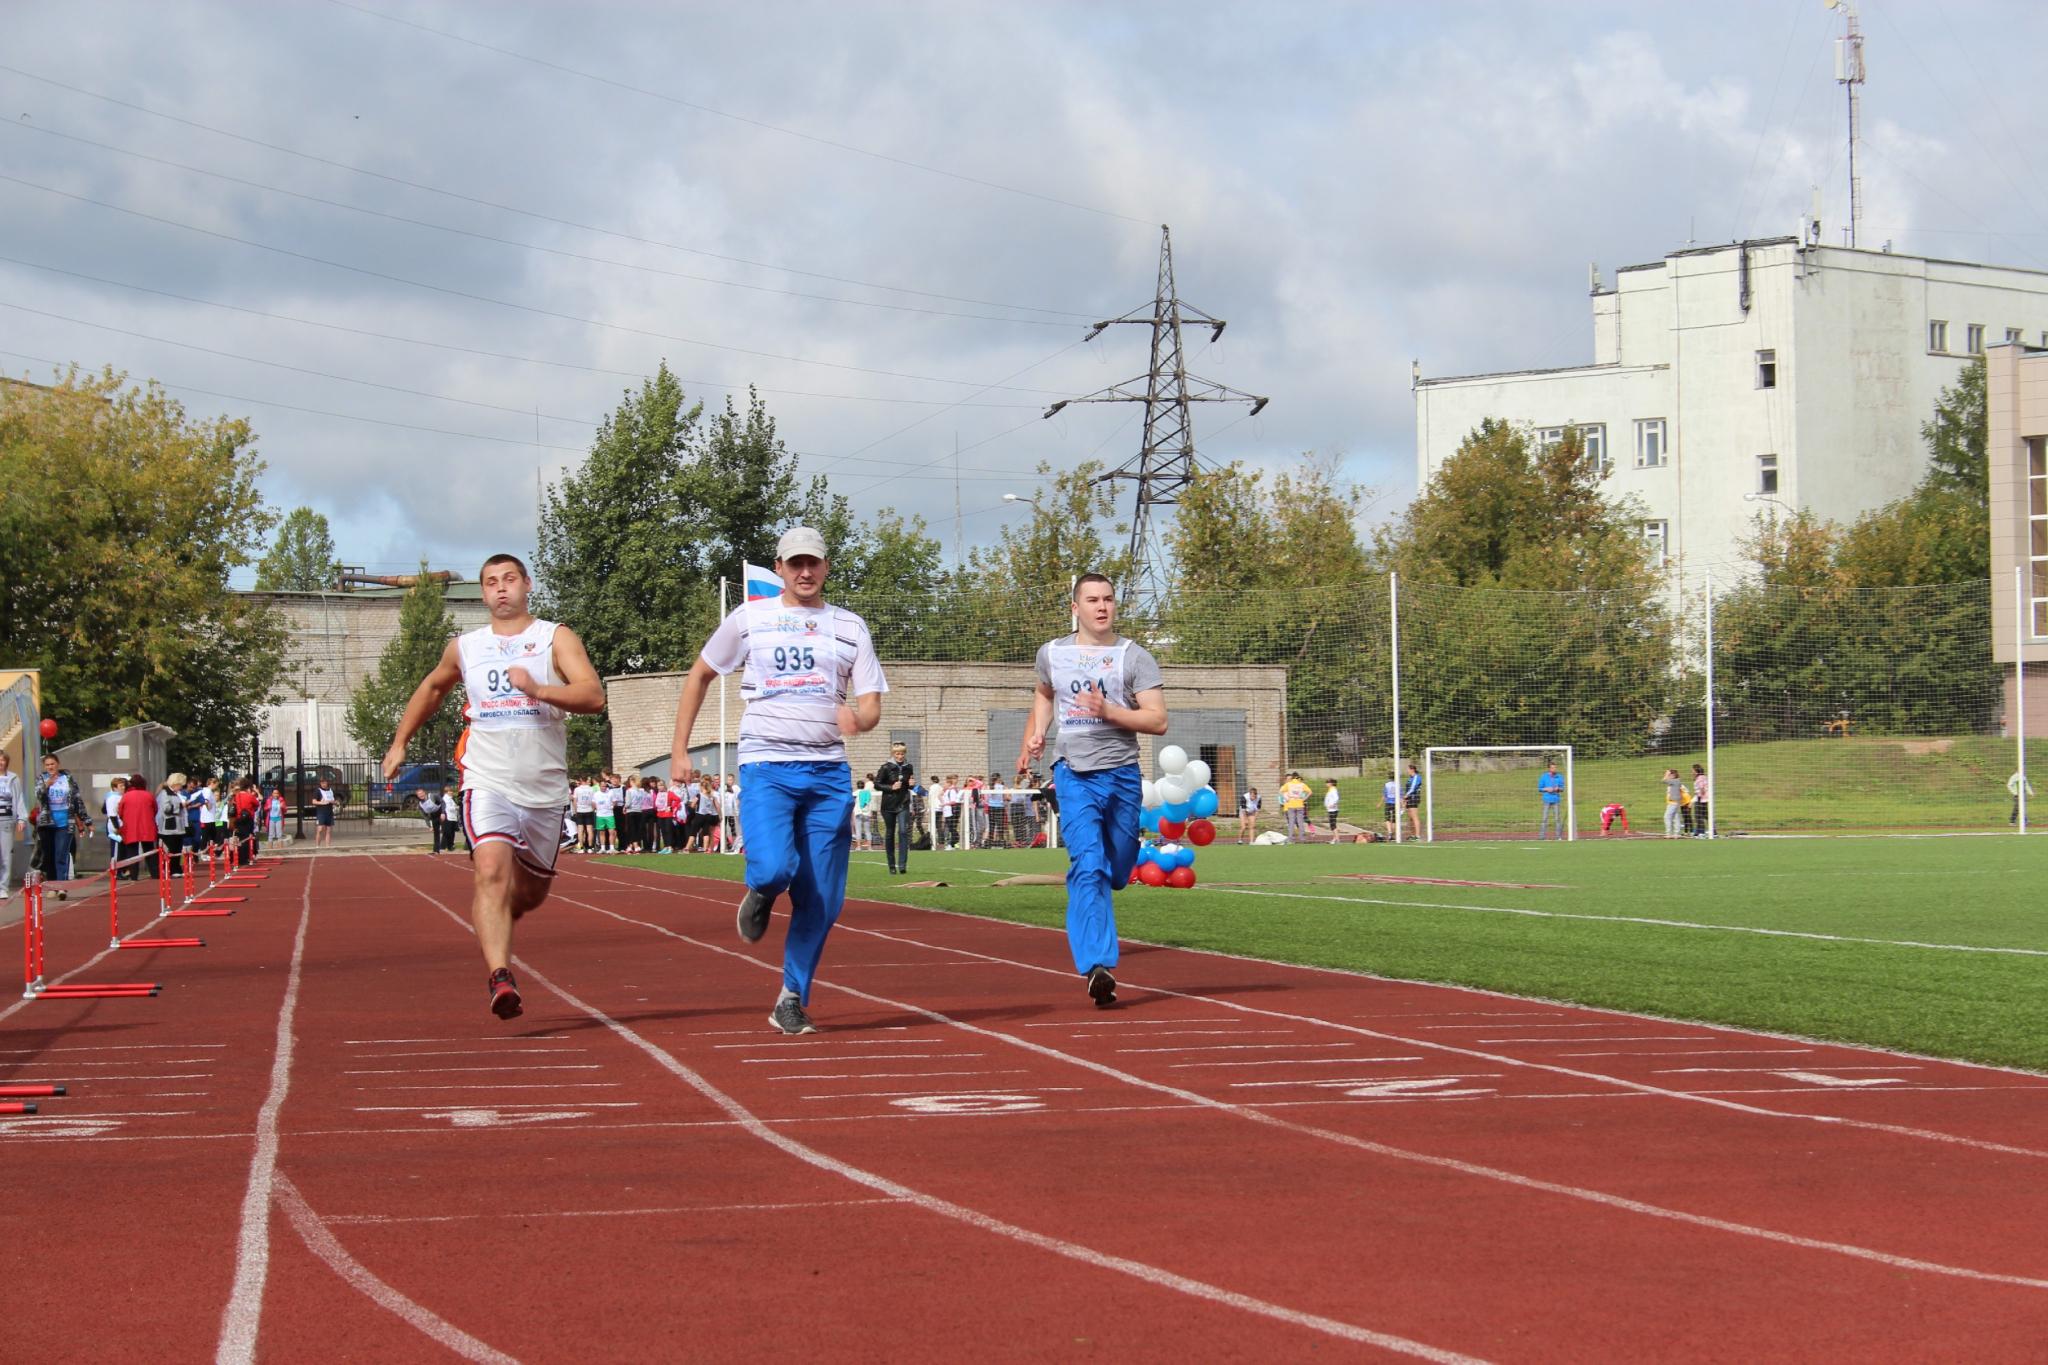 Мероприятия в Чепецке на сентябрь: День города, Кросс нации и дзюдо